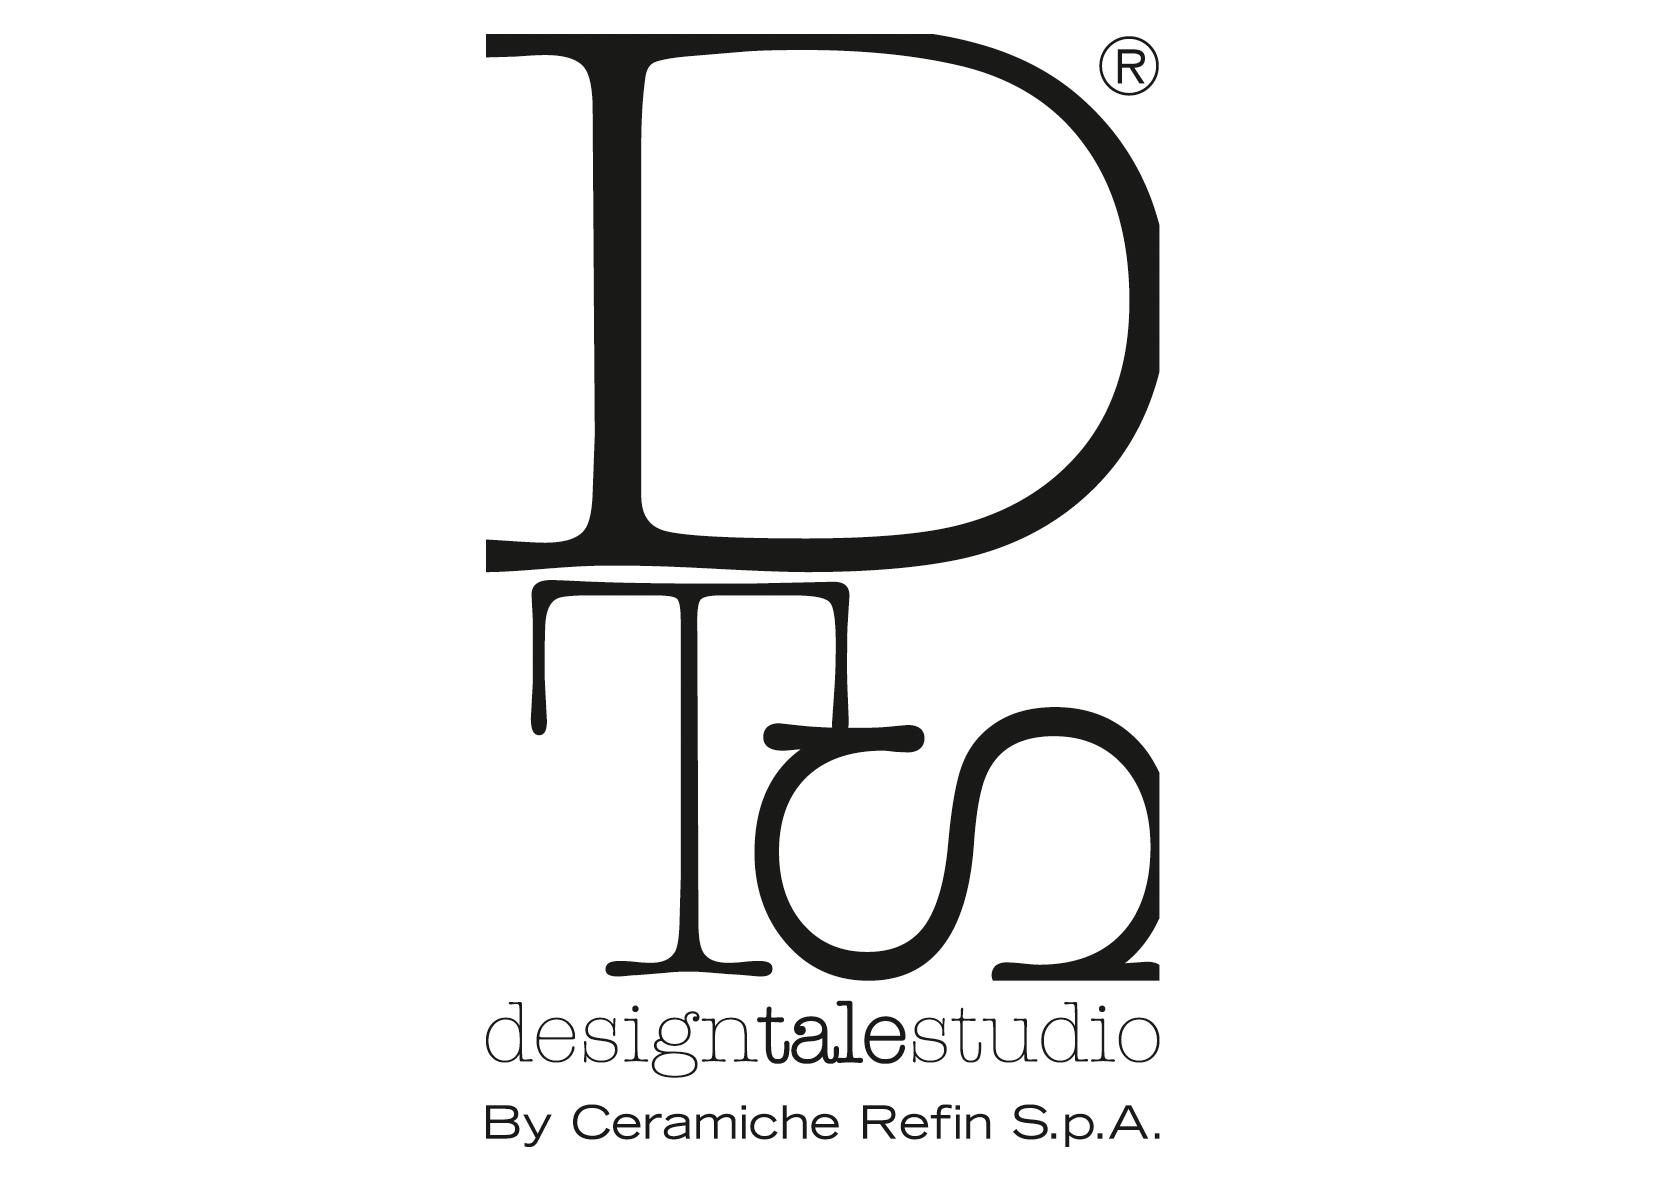 DesignTaleStudio